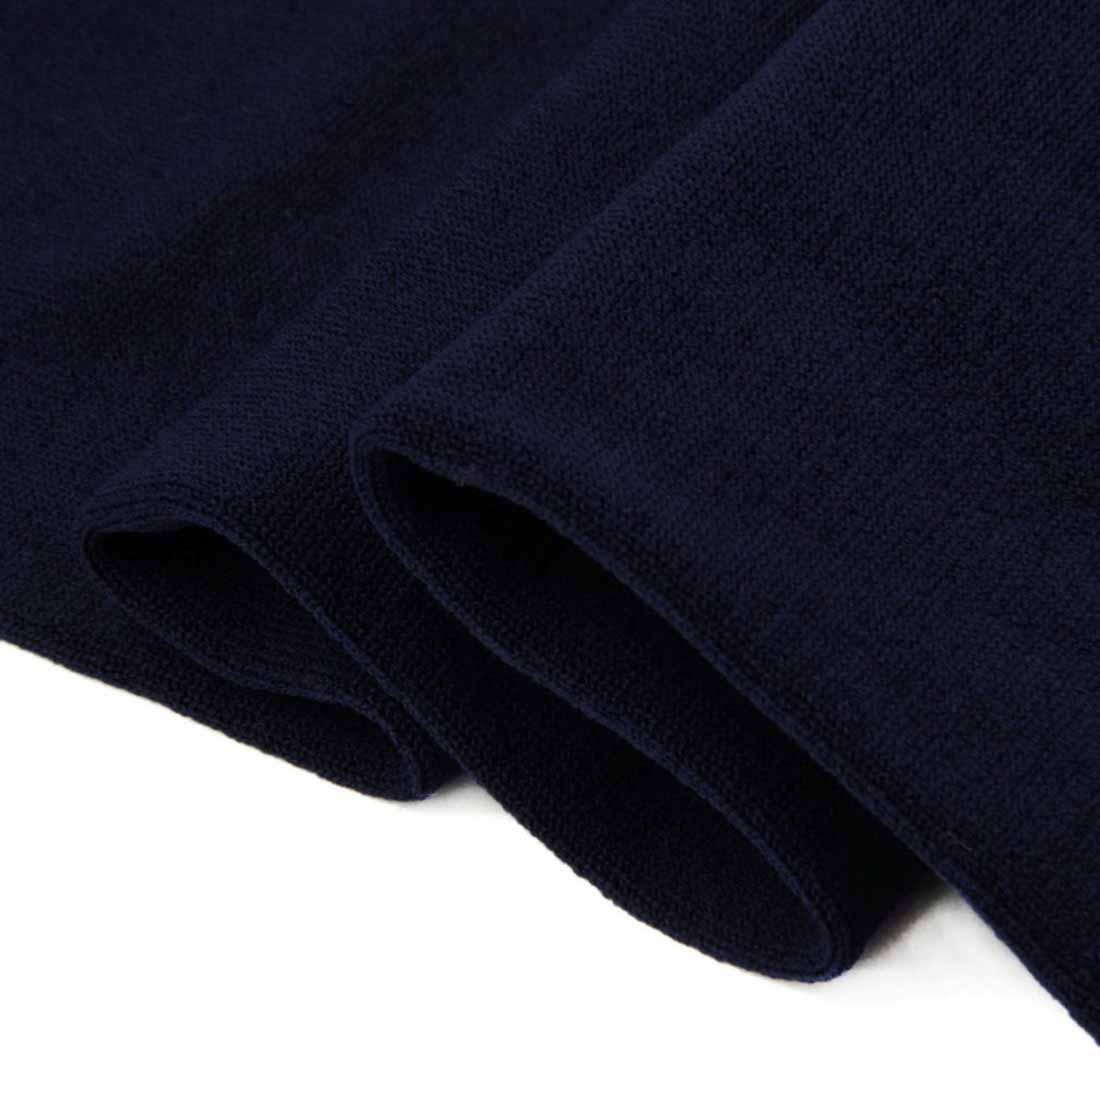 เลกกิ้งกันหนาว ลองจอนขายาวผู้หญิงผสมผ้าวูลใส่เพิ่มความอบอุ่นแฟชั่นเกาหลี นำเข้า ฟรีไซส์ สีน้ำเงิน - พร้อมส่งTJ7493 ราคา590บาท